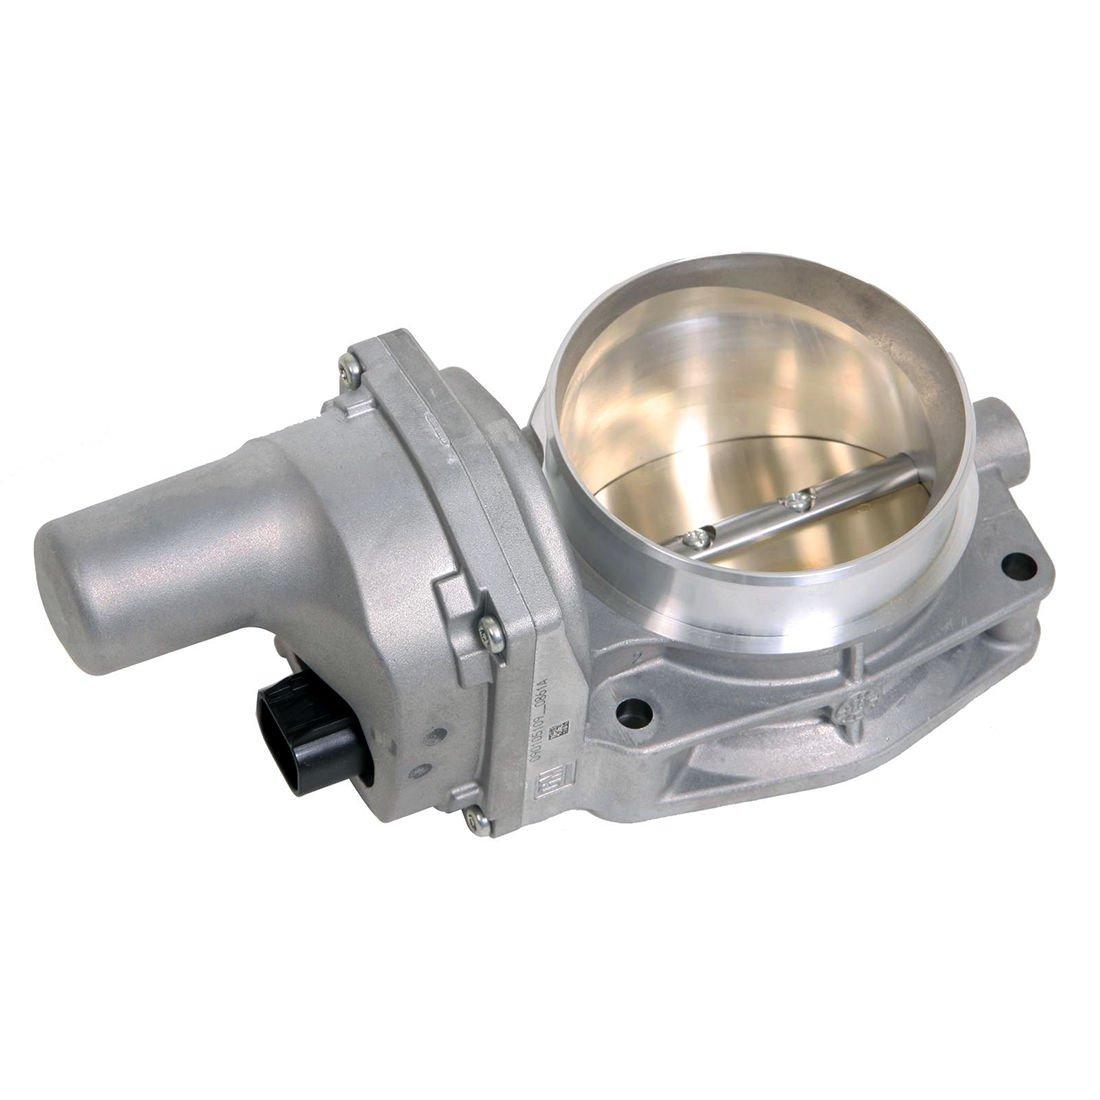 General Motors 12605109, Fuel Injection Throttle Body